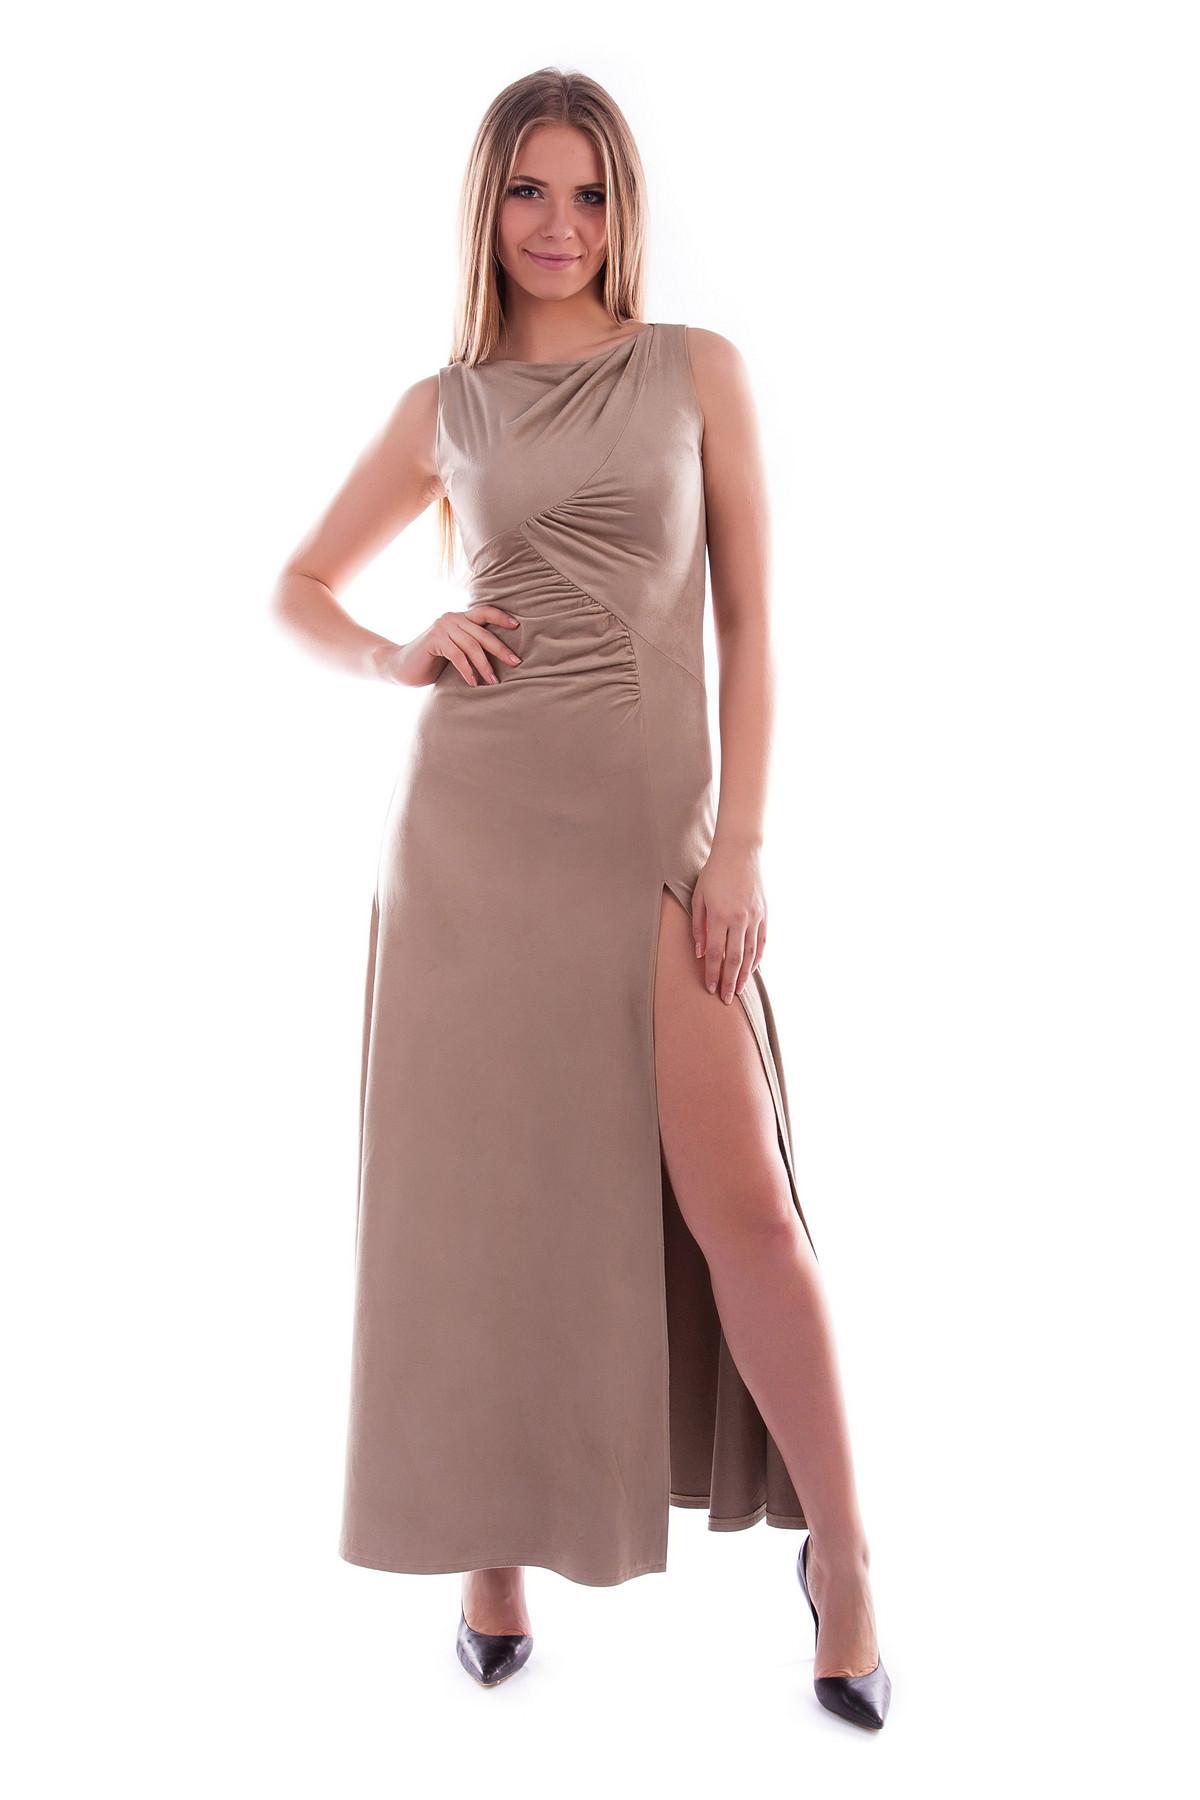 Оптовый интернет-магазин платьев Modus Платье Фристайл